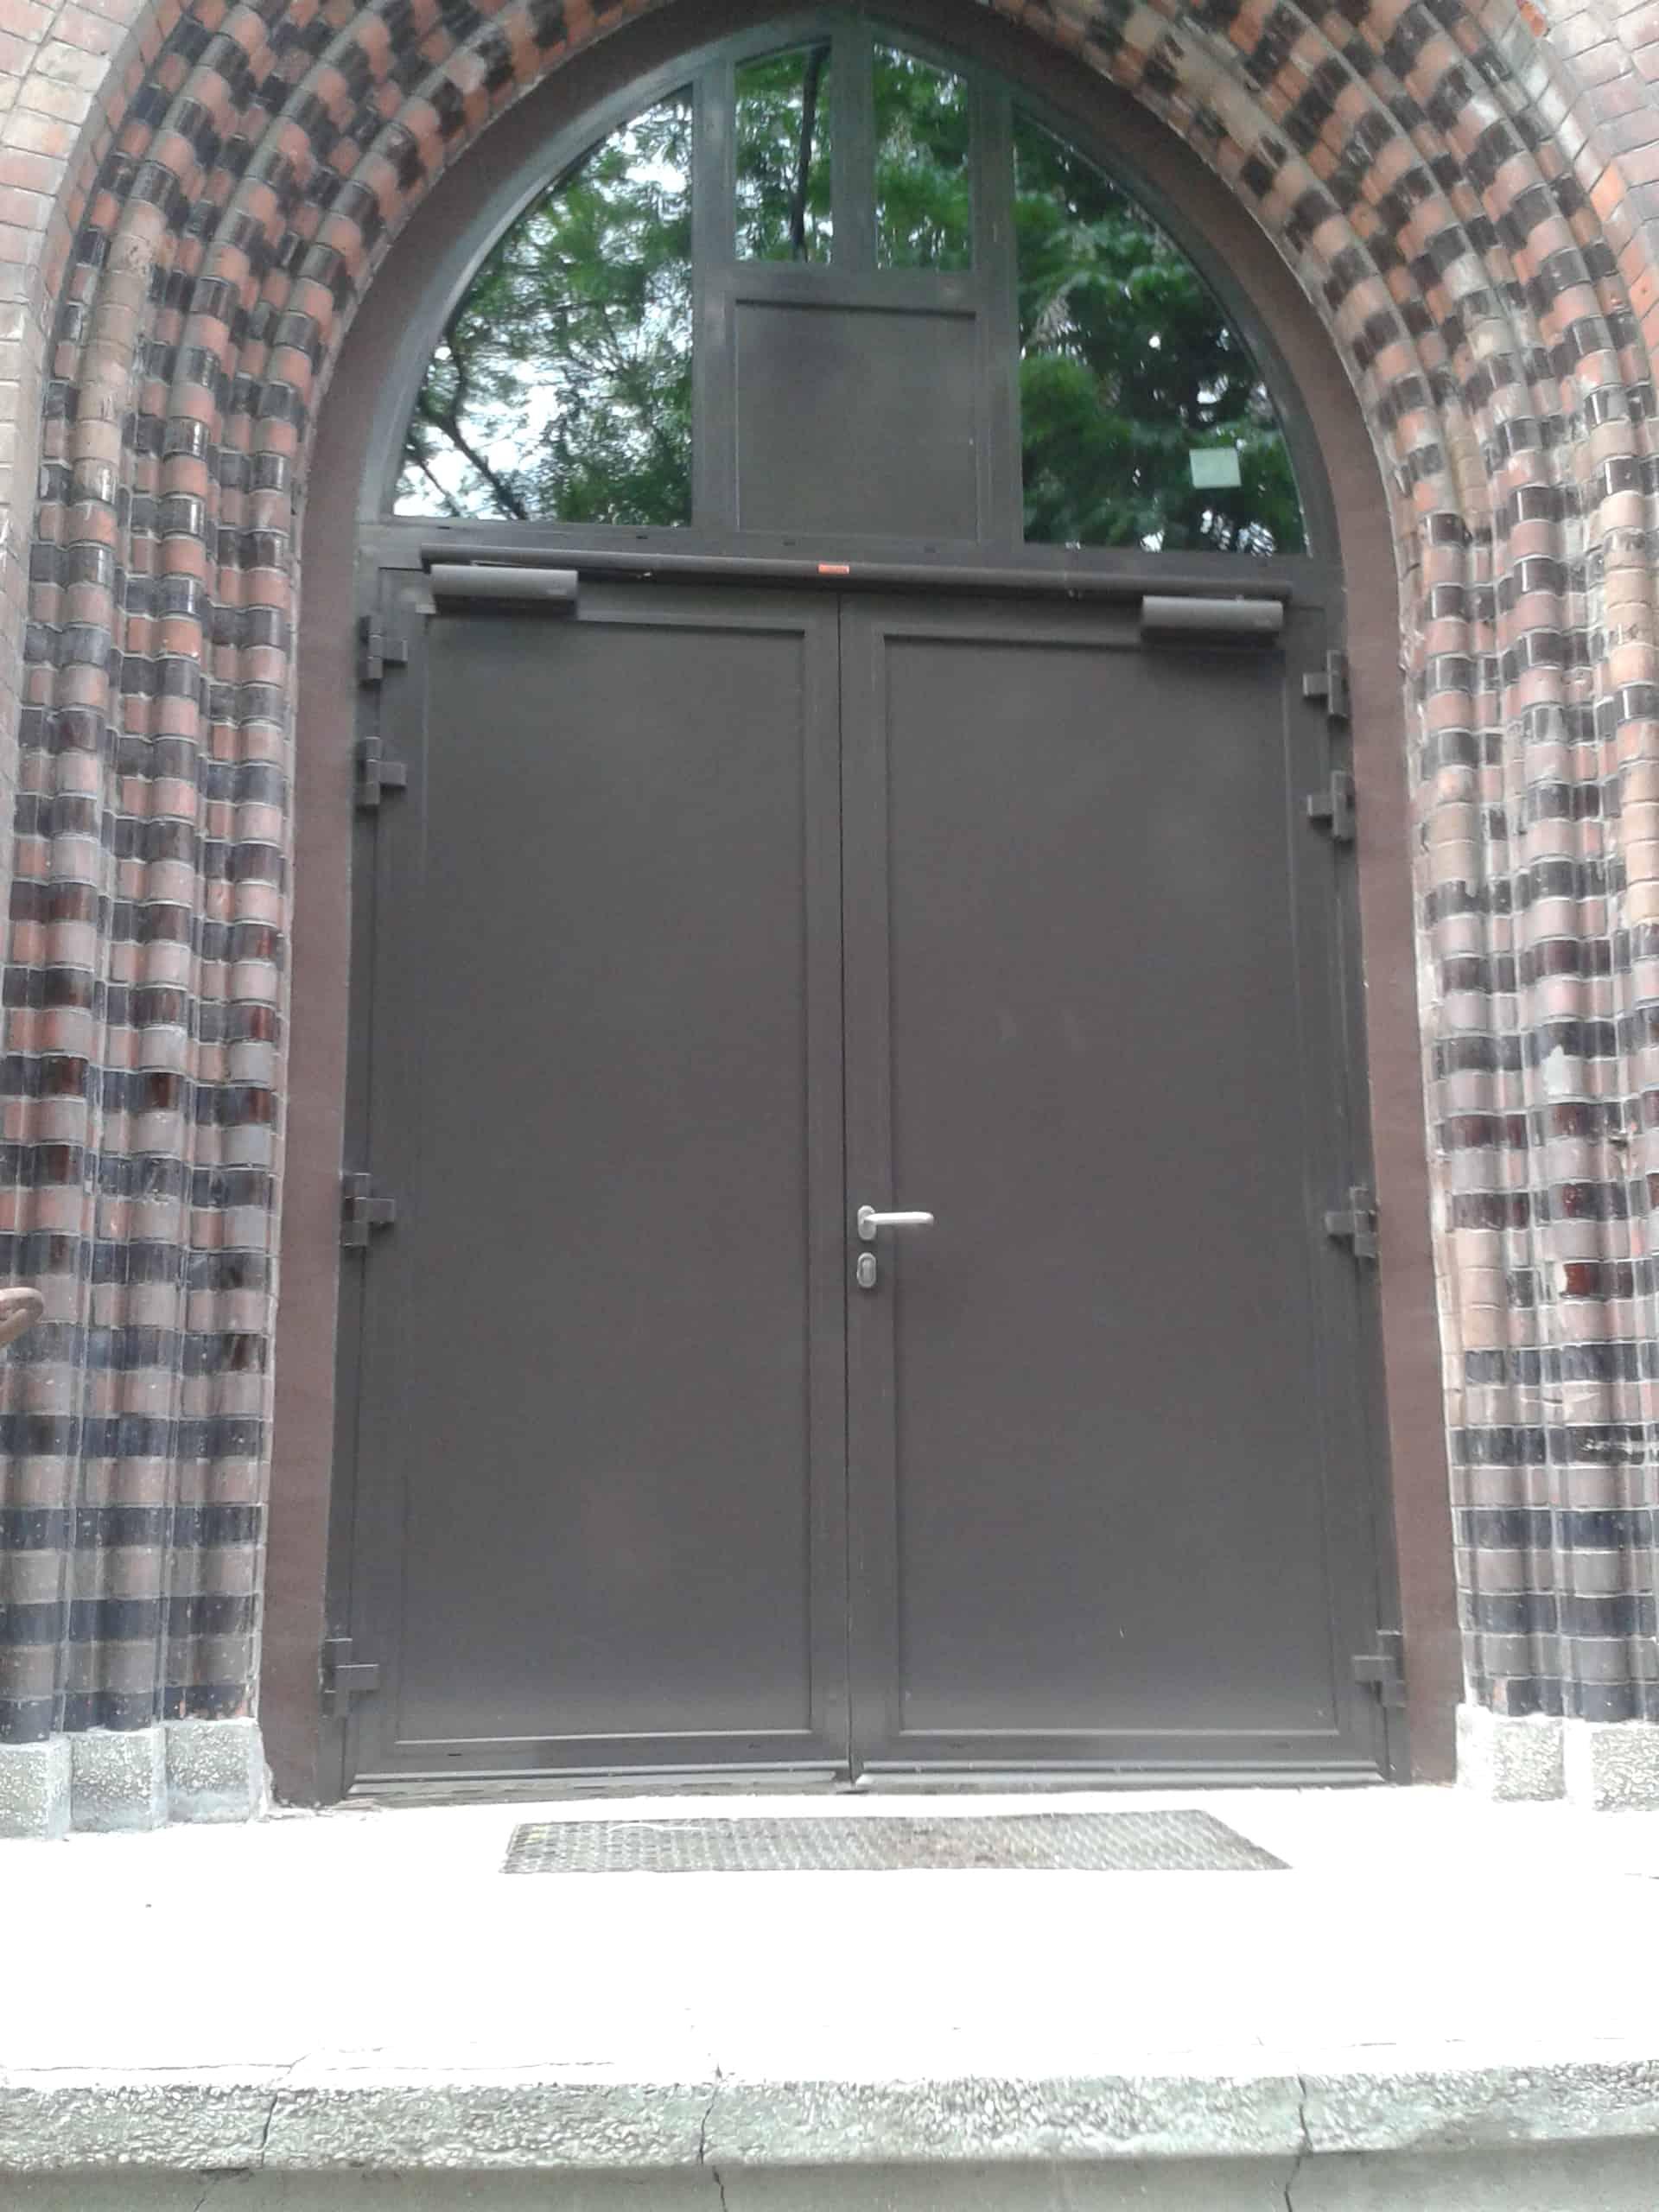 внутренняя противопожарная дверь с огнестойкой панелью Ei60 C5 1800 мм X 2100 мм двустворчатая дверь